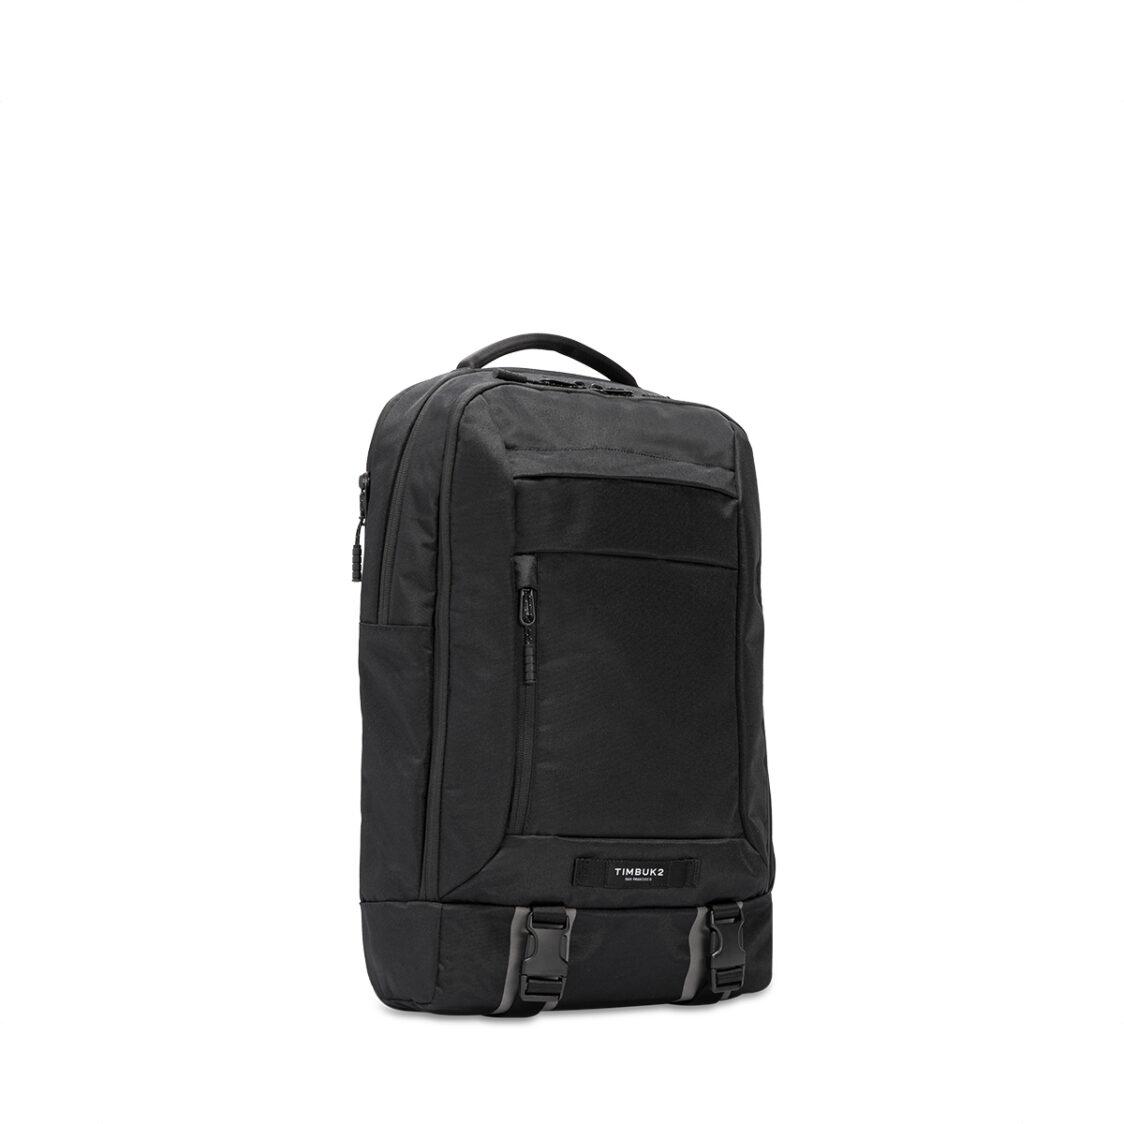 Timbuk2 Authority Laptop Backpack - Typeset